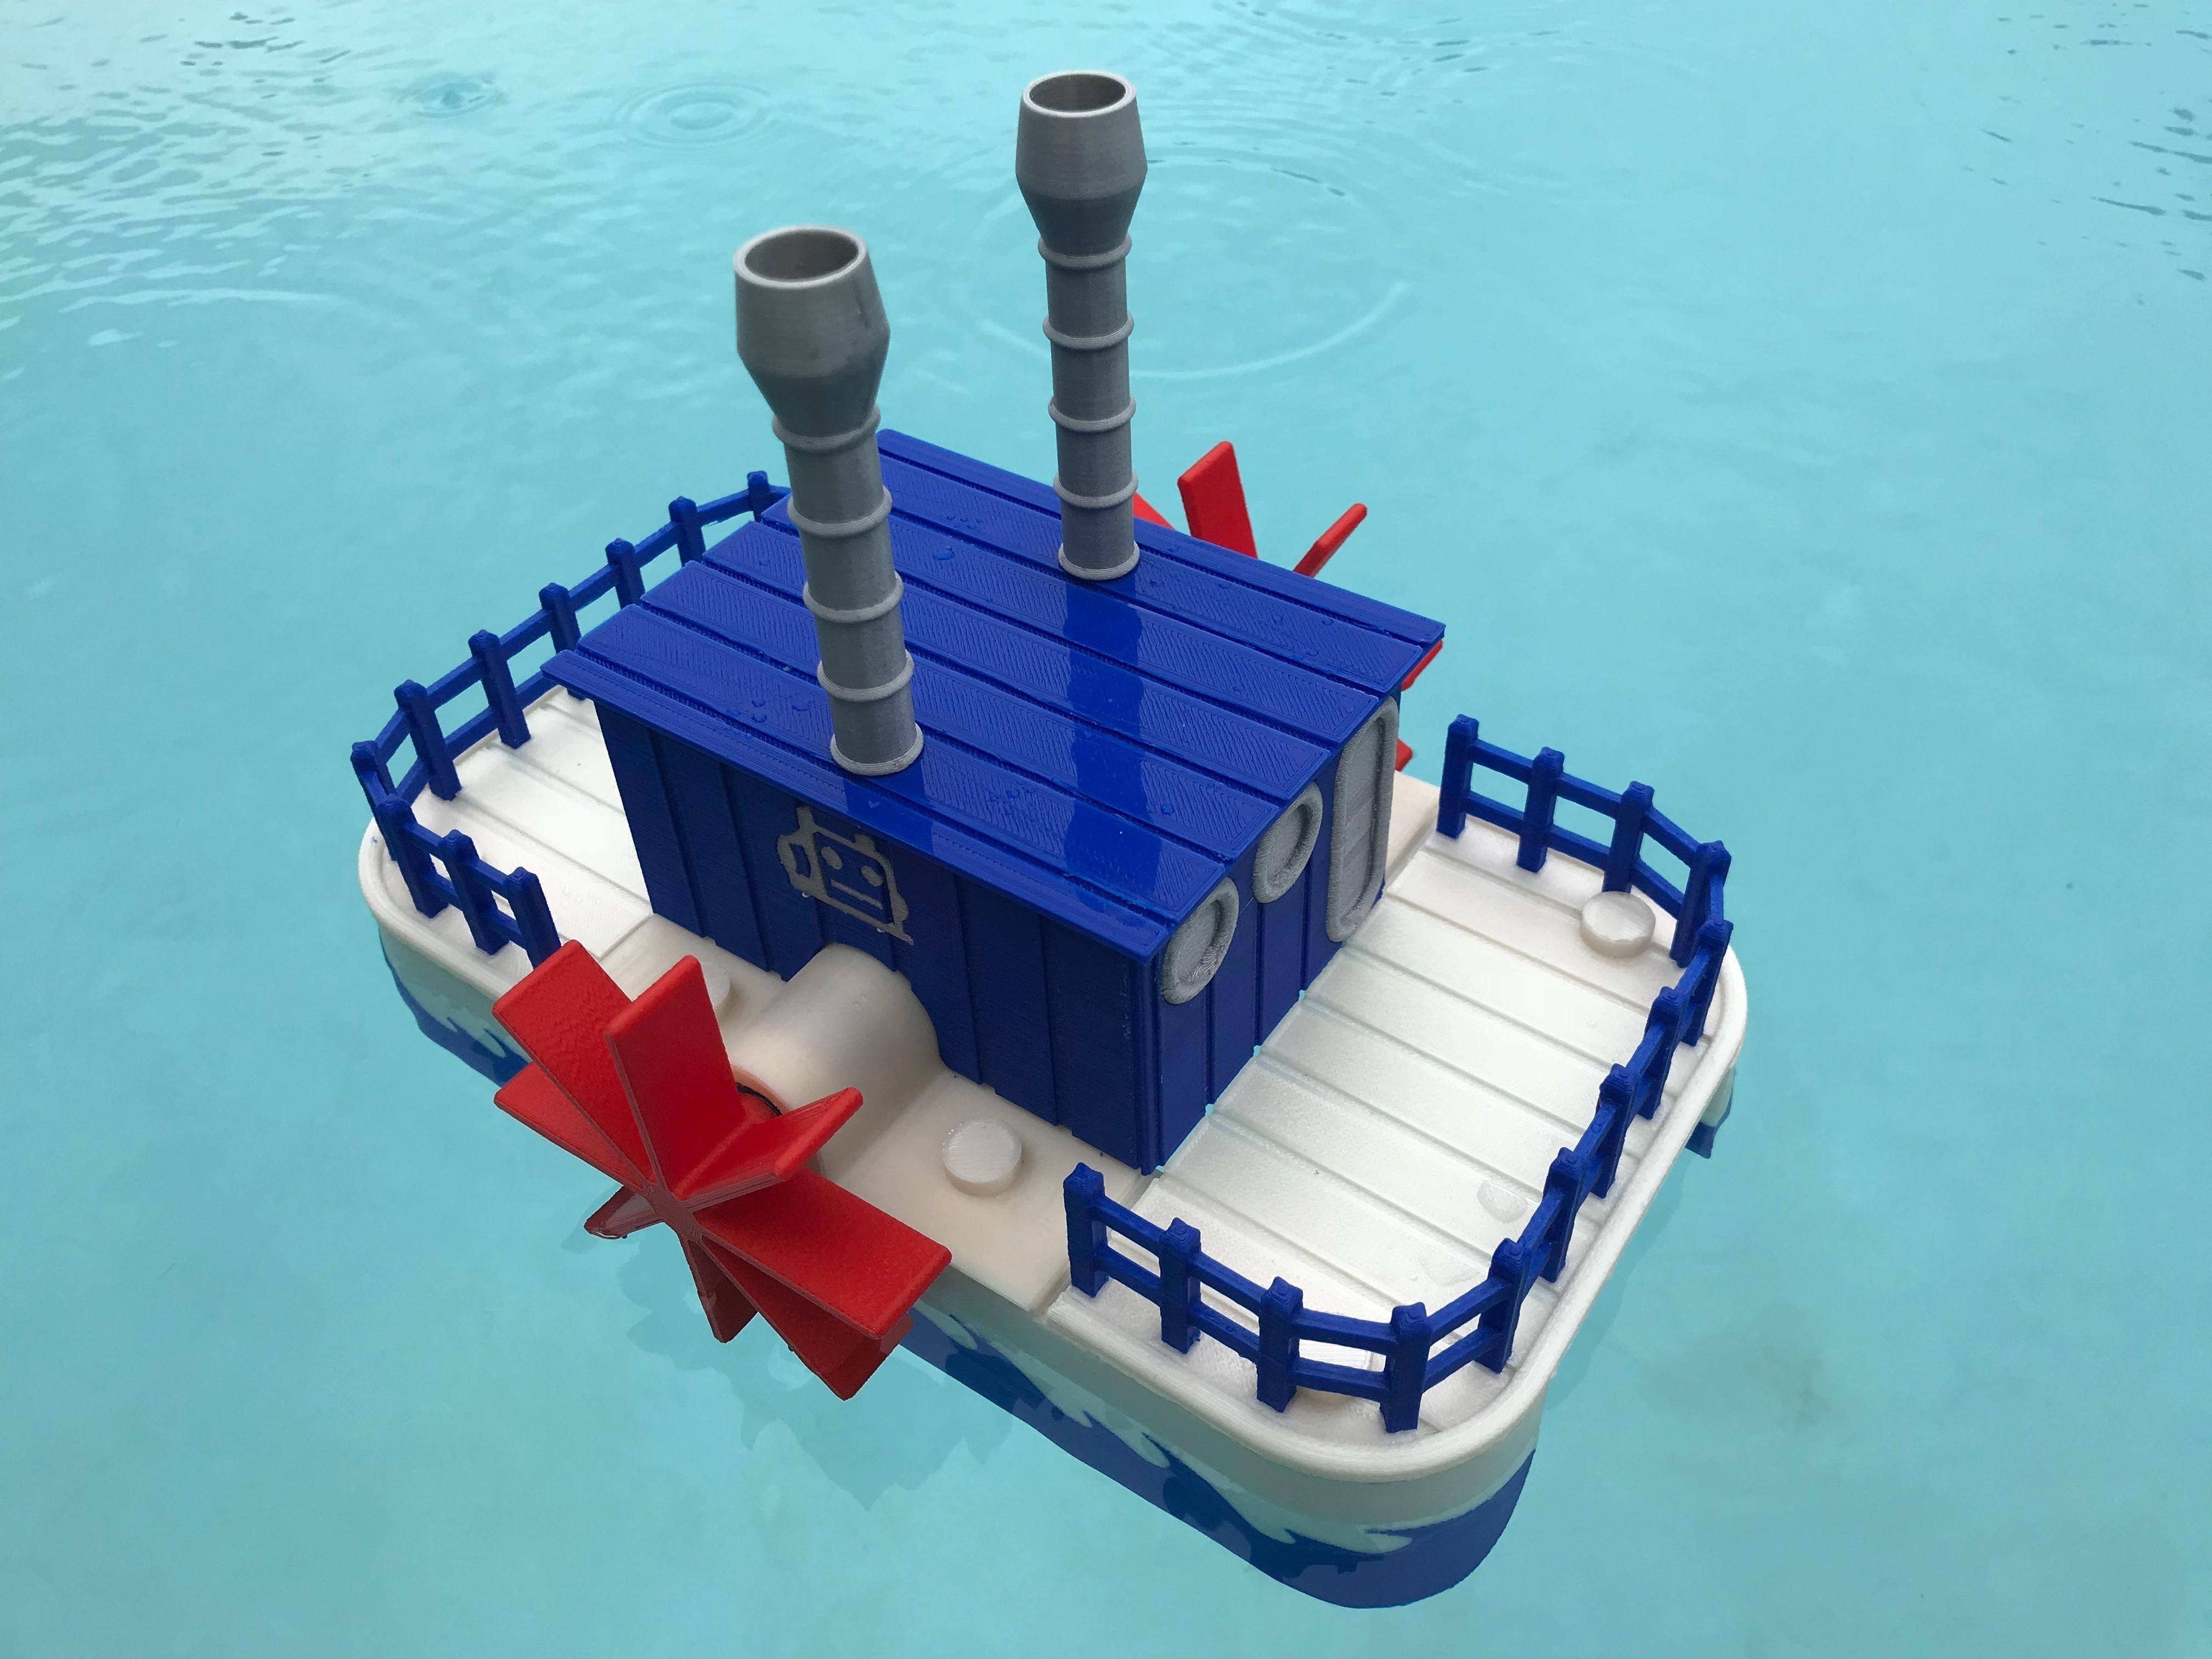 IMG_0916.jpg Download free STL file WiFi Paddle Boat • 3D printing design, gzumwalt